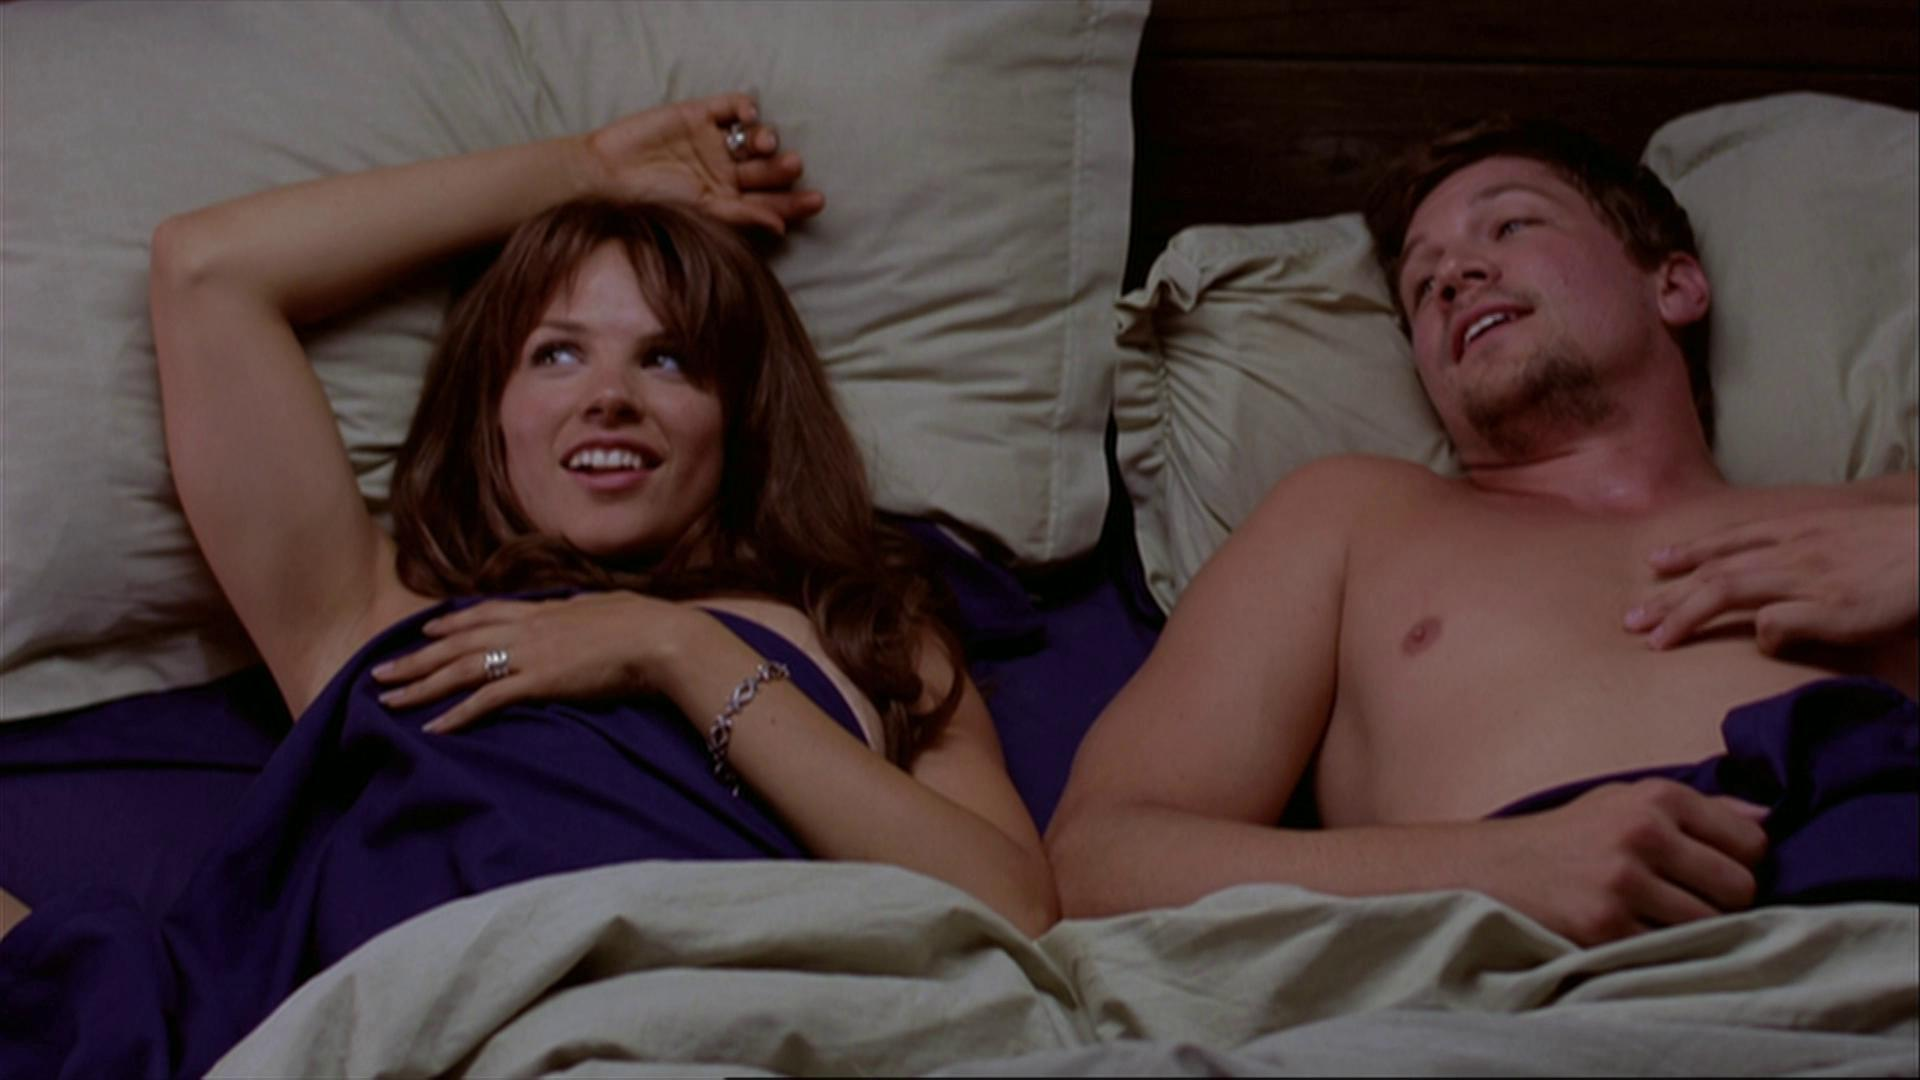 Трахают анфису художественные фильмы про секс список тоже любят фото